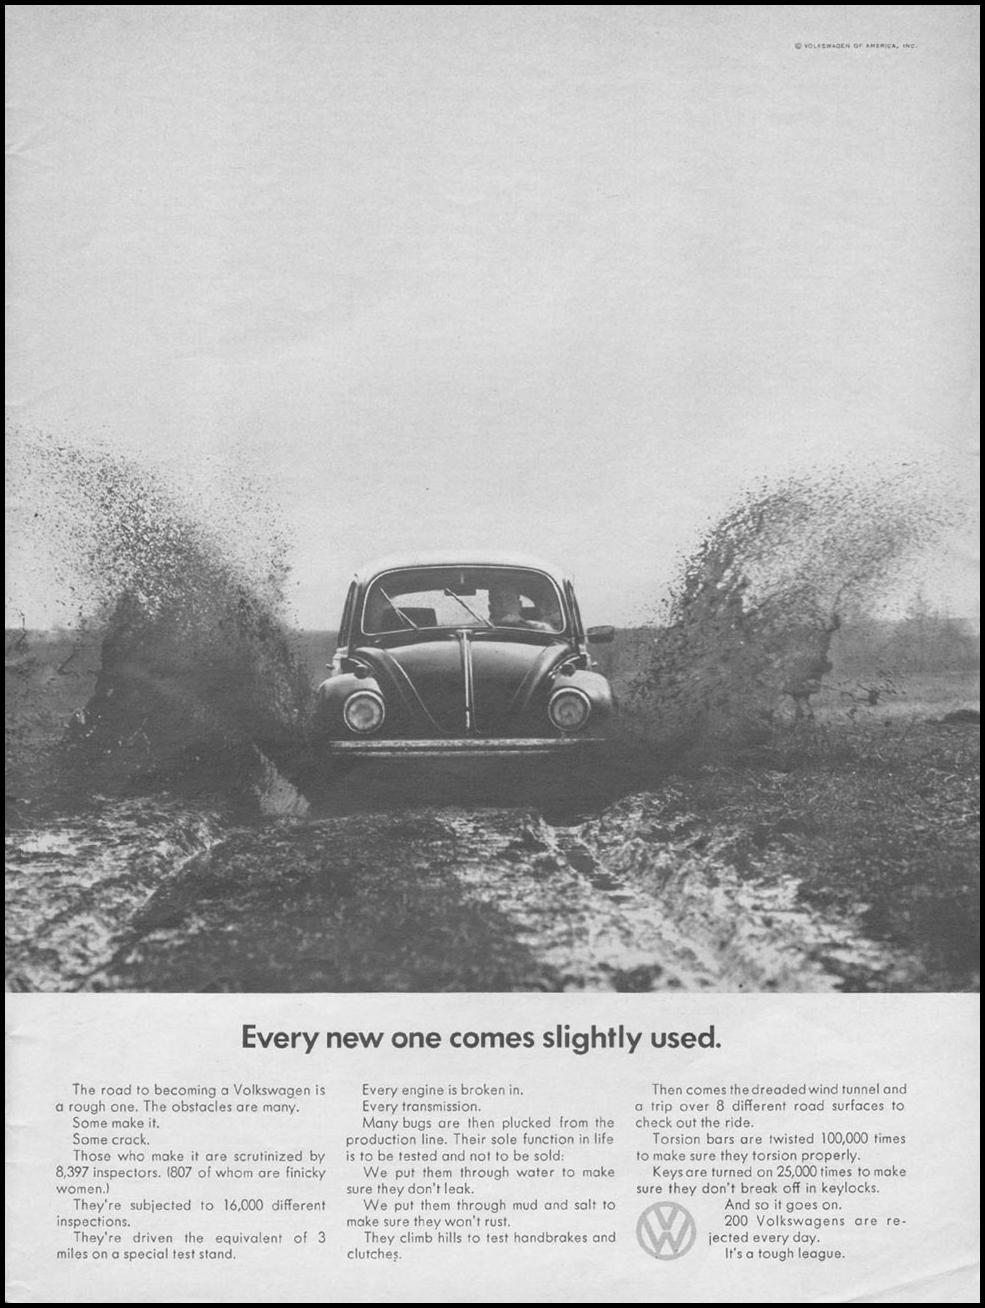 VOLKSWAGEN AUTOMOBILES NEWSWEEK 06/17/1968 p. 9